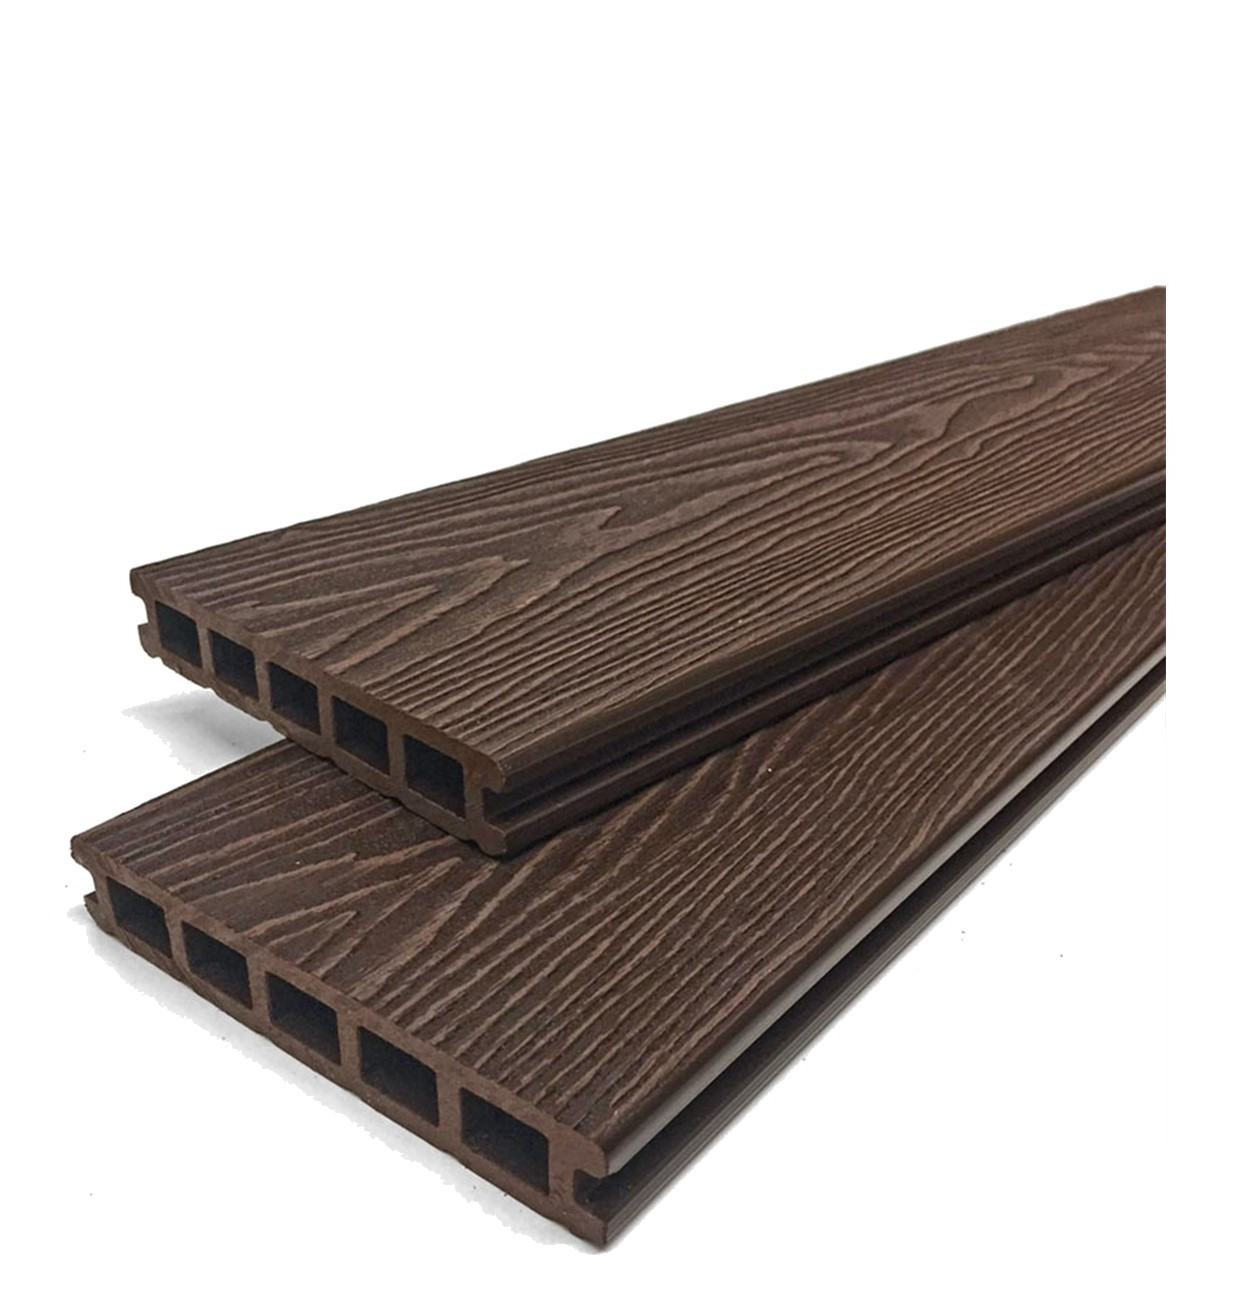 Mahogany Brown Reversible Wood Grain Composite Decking Kit 3.6m Boards (Price per sqm/£27 per board)